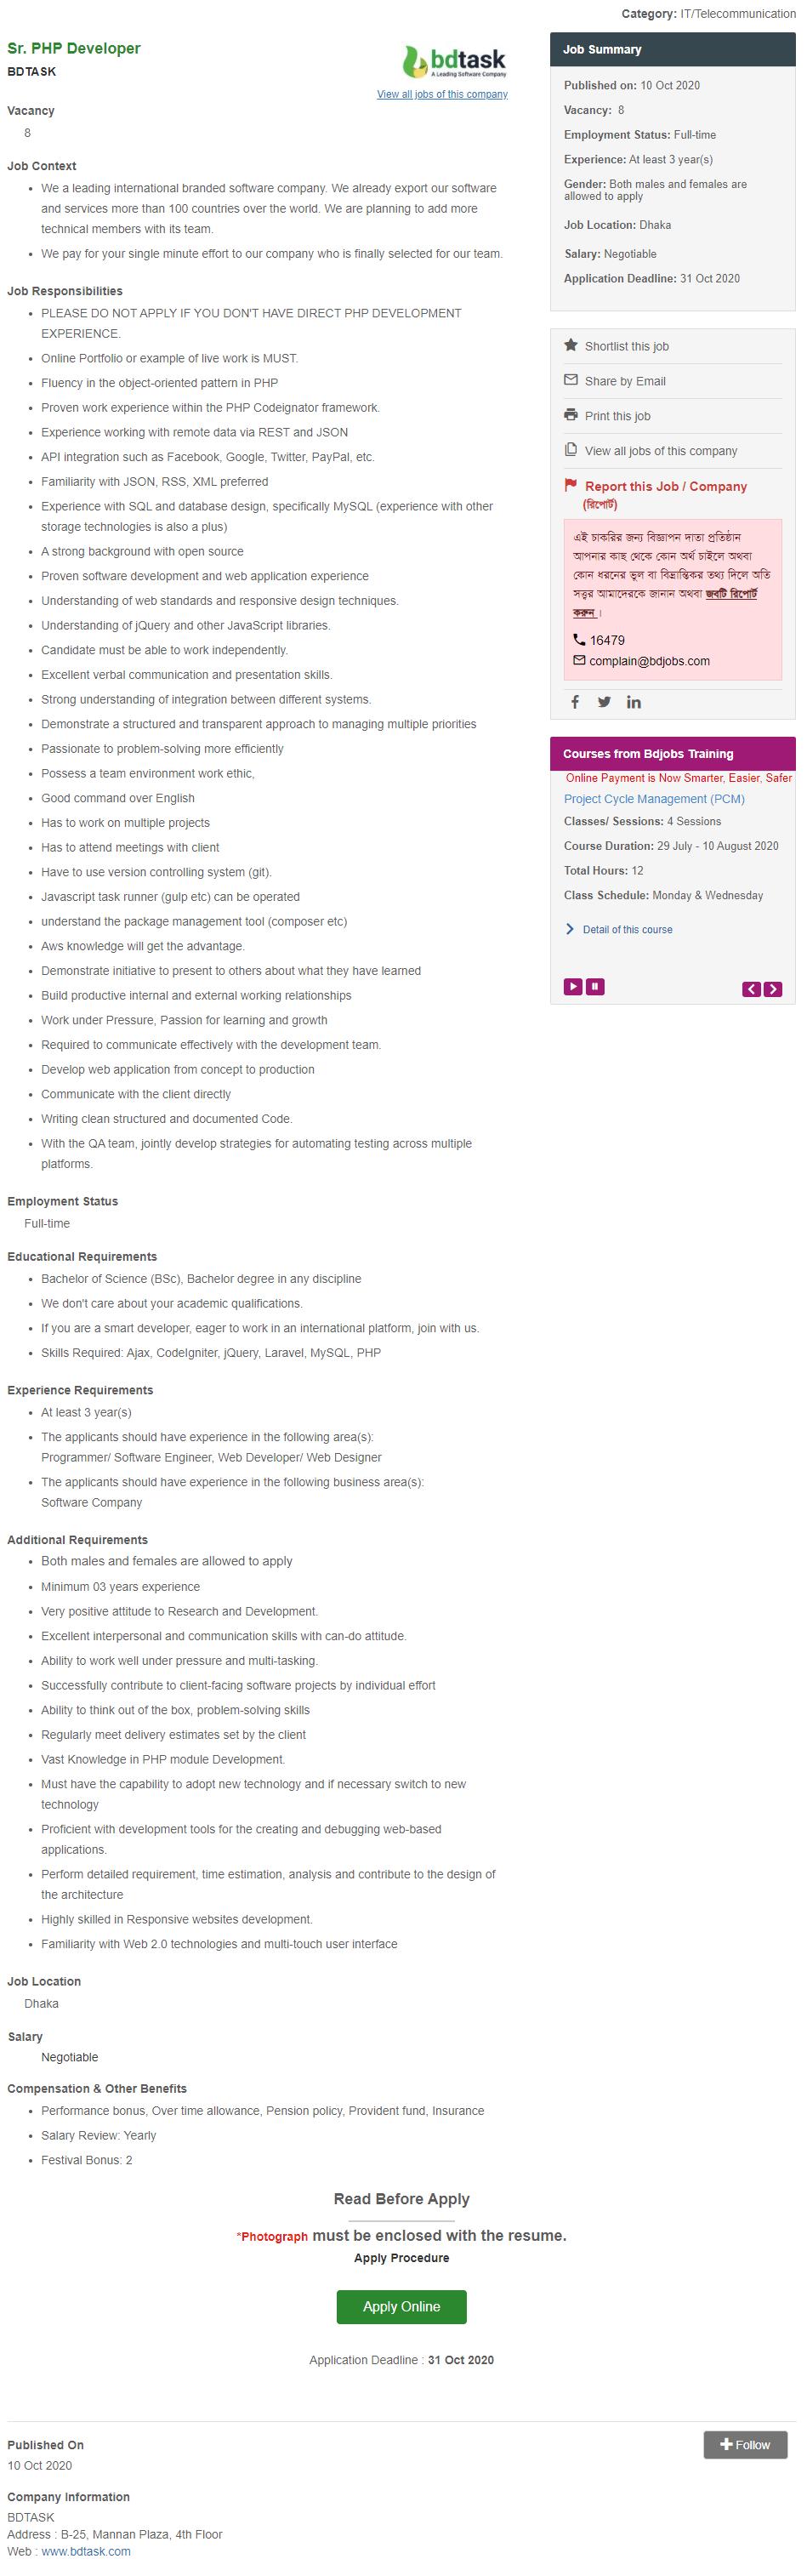 Bdtask Job Circular 2020